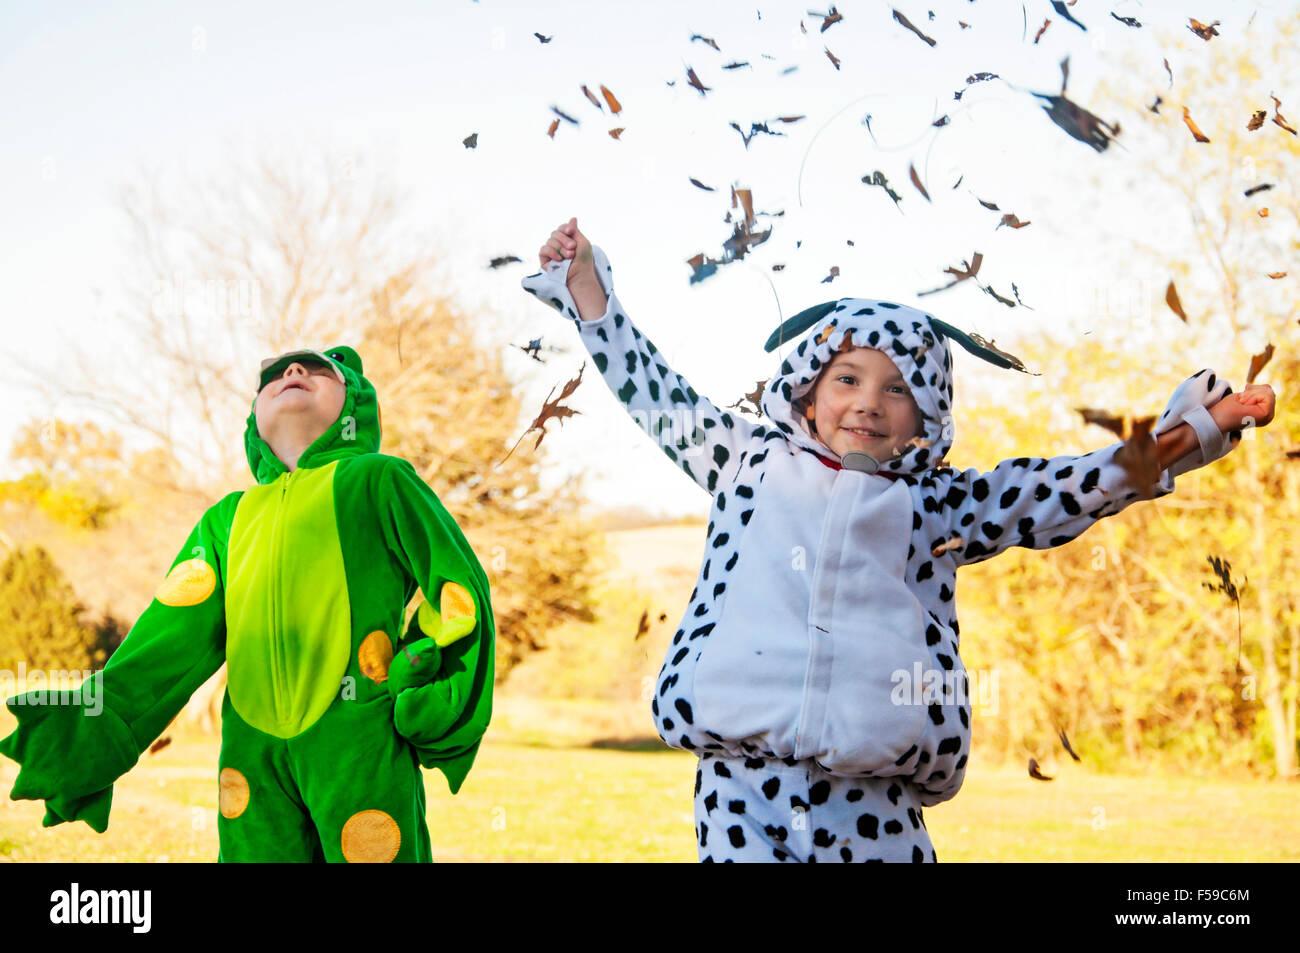 Dos muchachos en traje coger y tirar las hojas Imagen De Stock